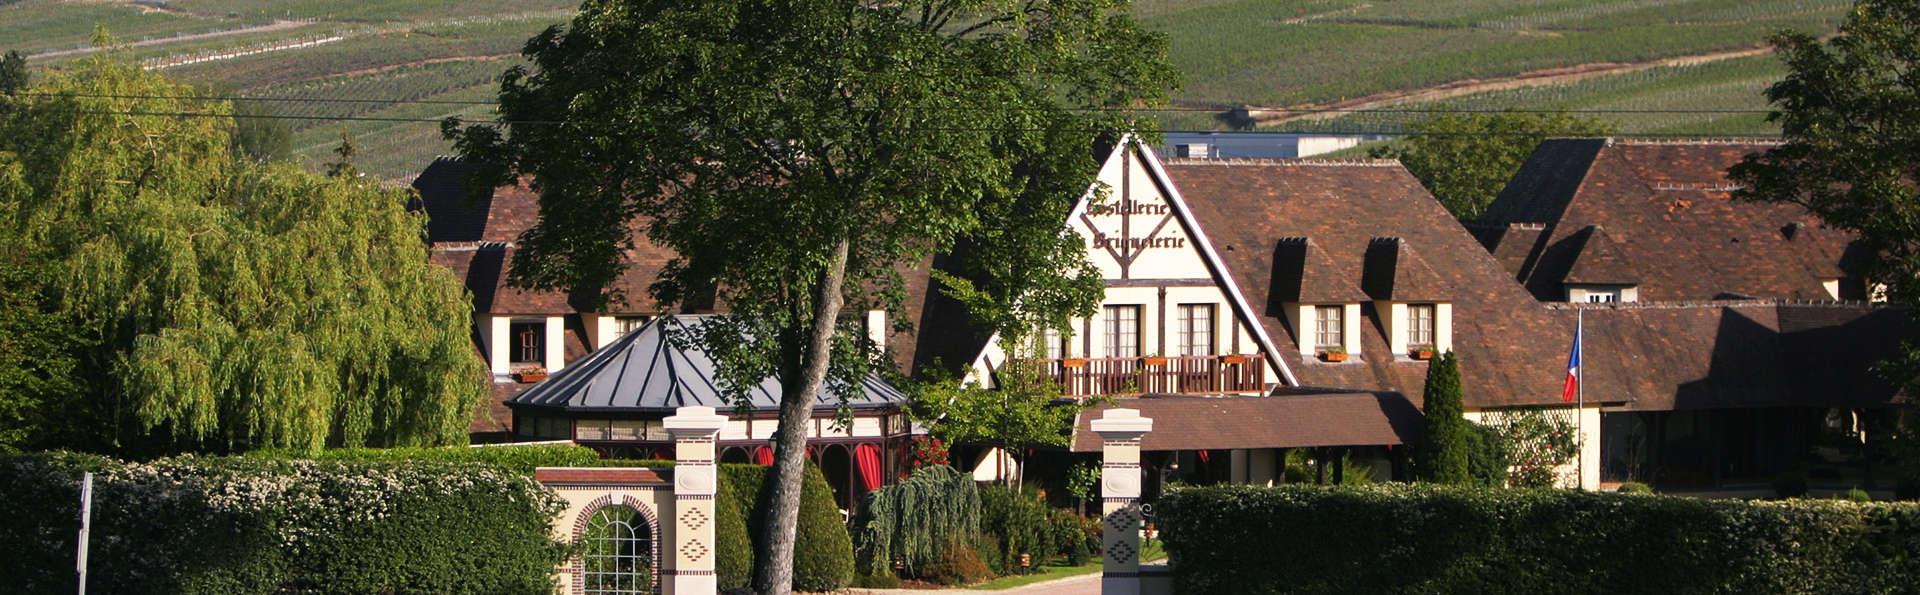 Hostellerie La Briqueterie - EDIT_front1.jpg